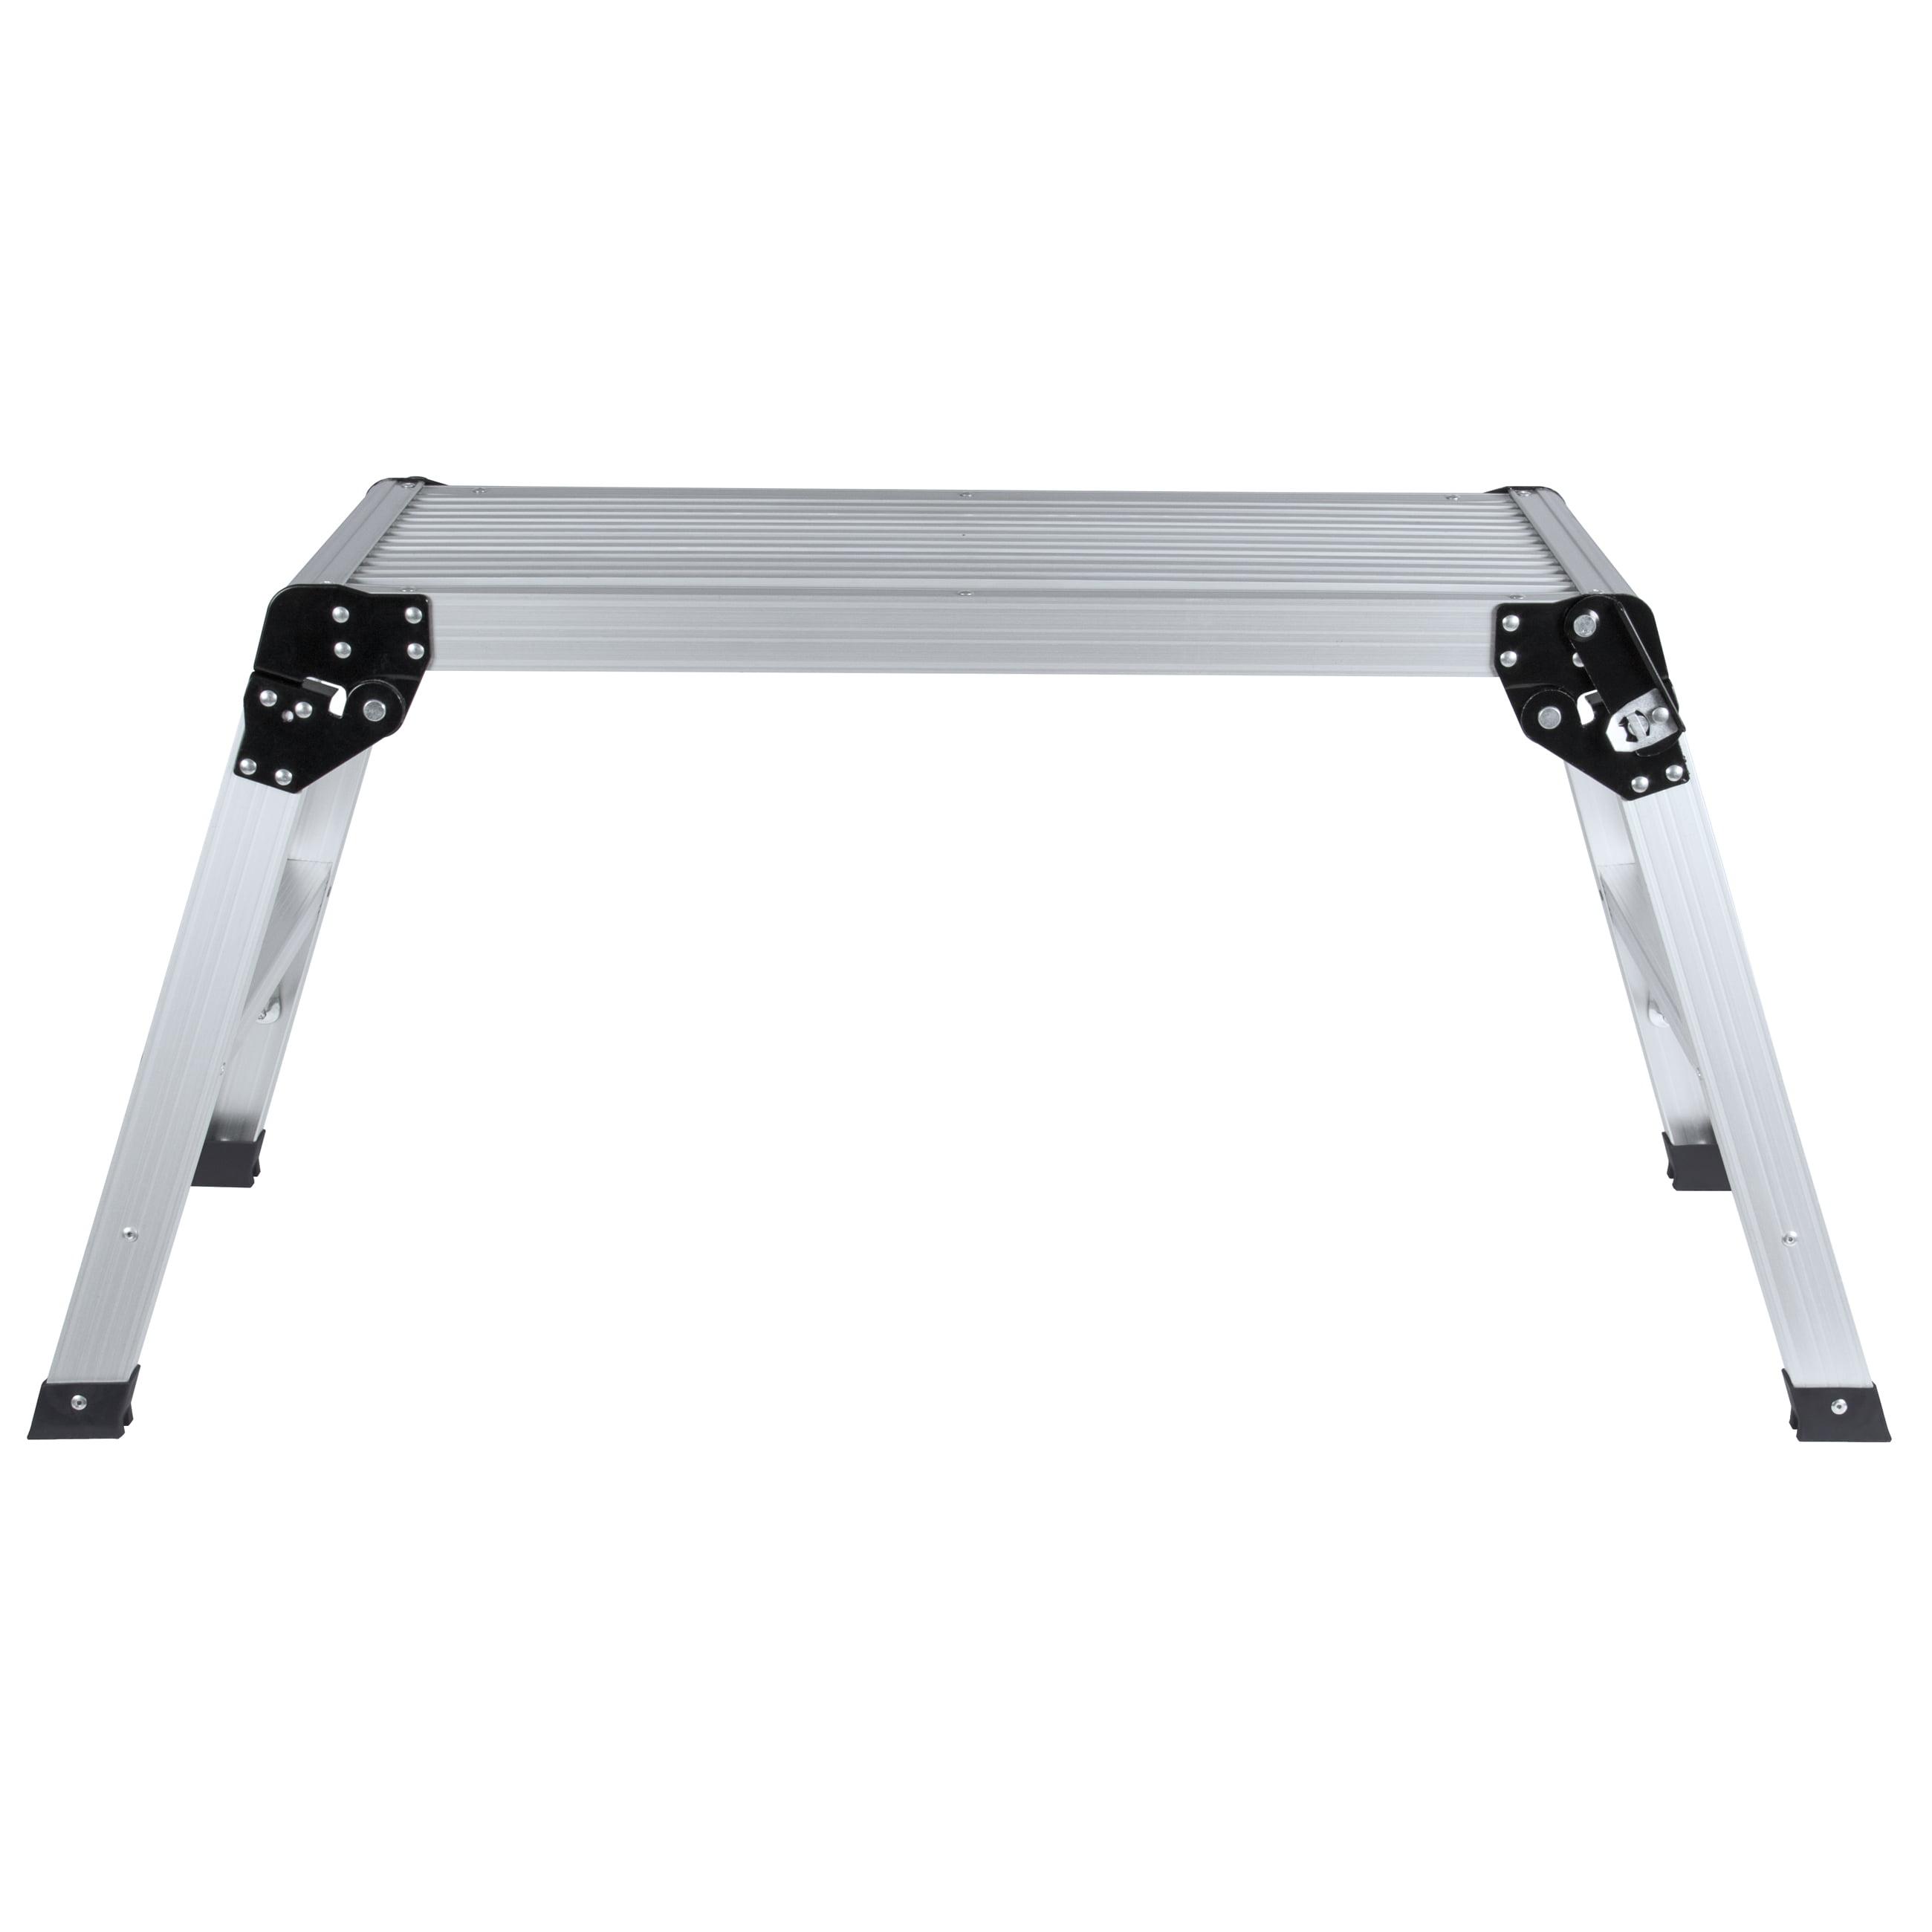 BCP Certified EN131 Aluminum Platform Drywall Step Up Folding Work Bench Stool Ladder - Walmart.com  sc 1 st  Walmart & BCP Certified EN131 Aluminum Platform Drywall Step Up Folding Work ... islam-shia.org